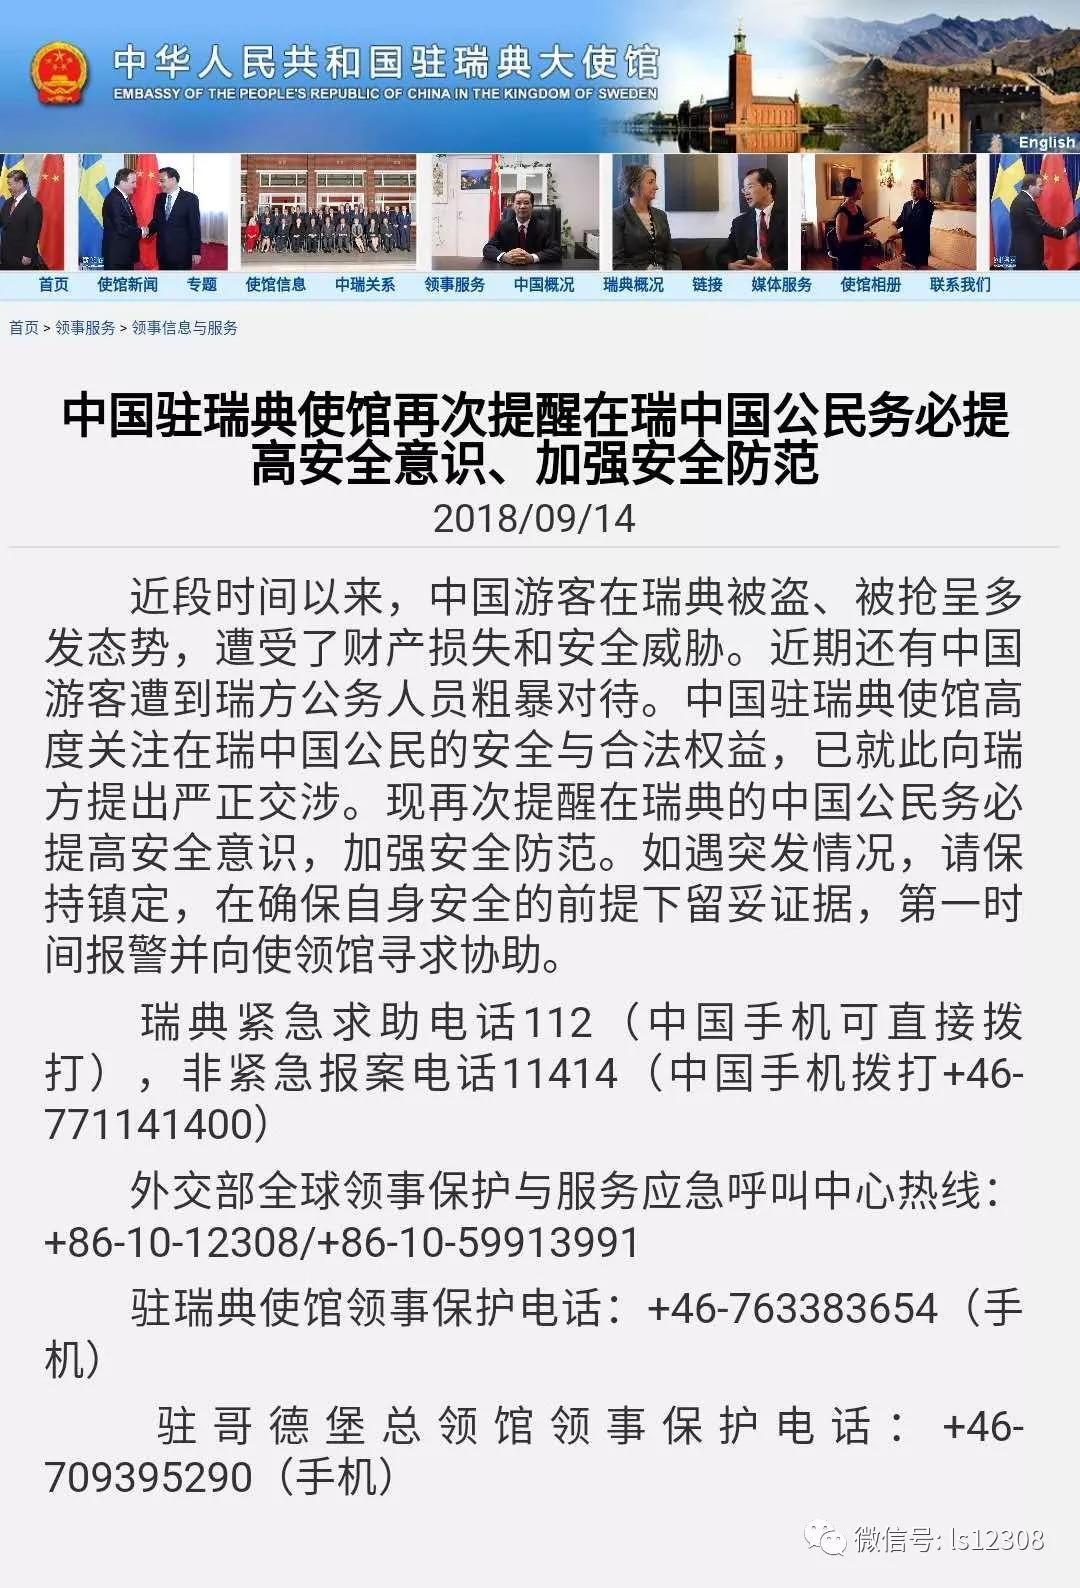 中国游客竟被瑞典警方拖出酒店扔坟场!中方严正交涉